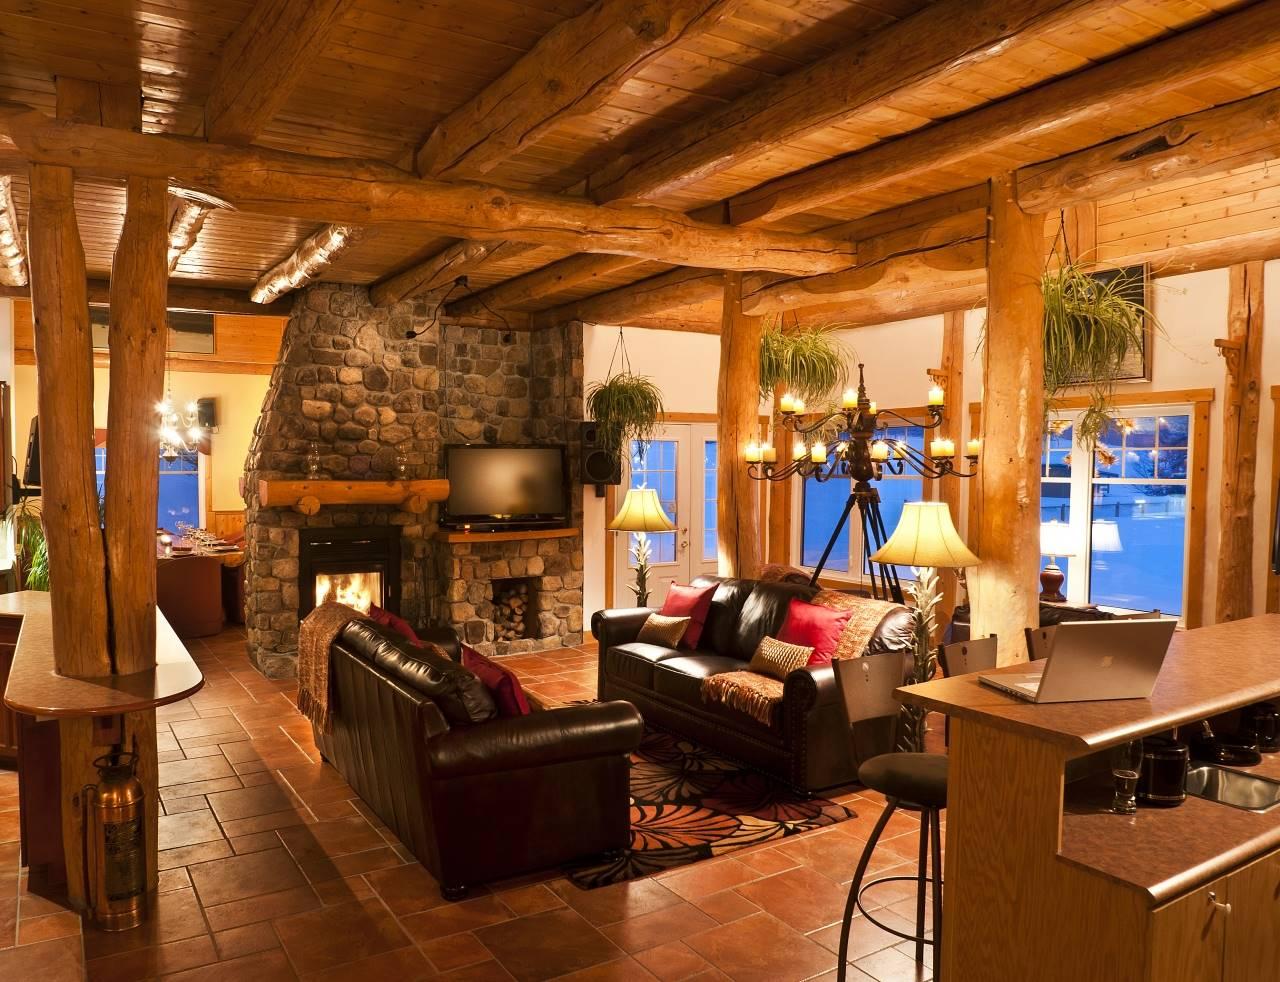 domaine et chalet louer baie saint paul charlevoix 236. Black Bedroom Furniture Sets. Home Design Ideas